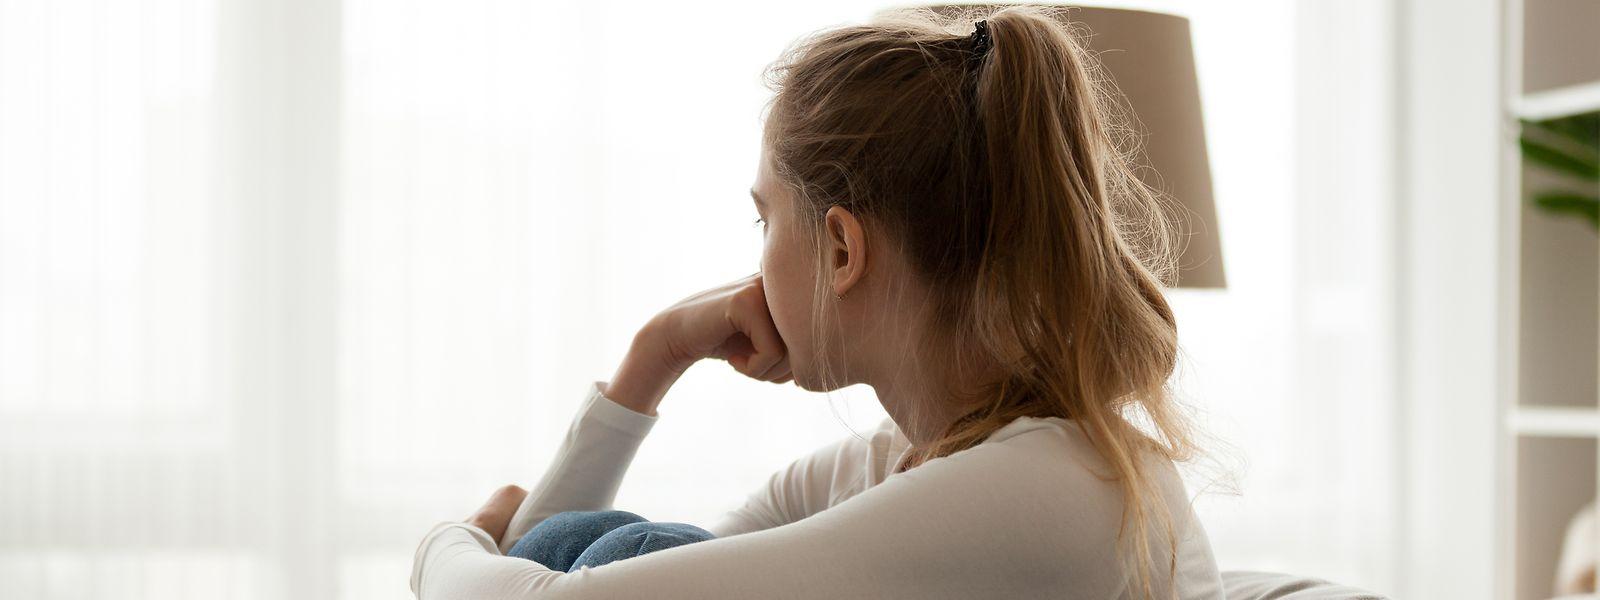 Betroffene von spiritualisierter Gewalt merken oft sehr lange nicht, in welcher Situation sie sich befinden.